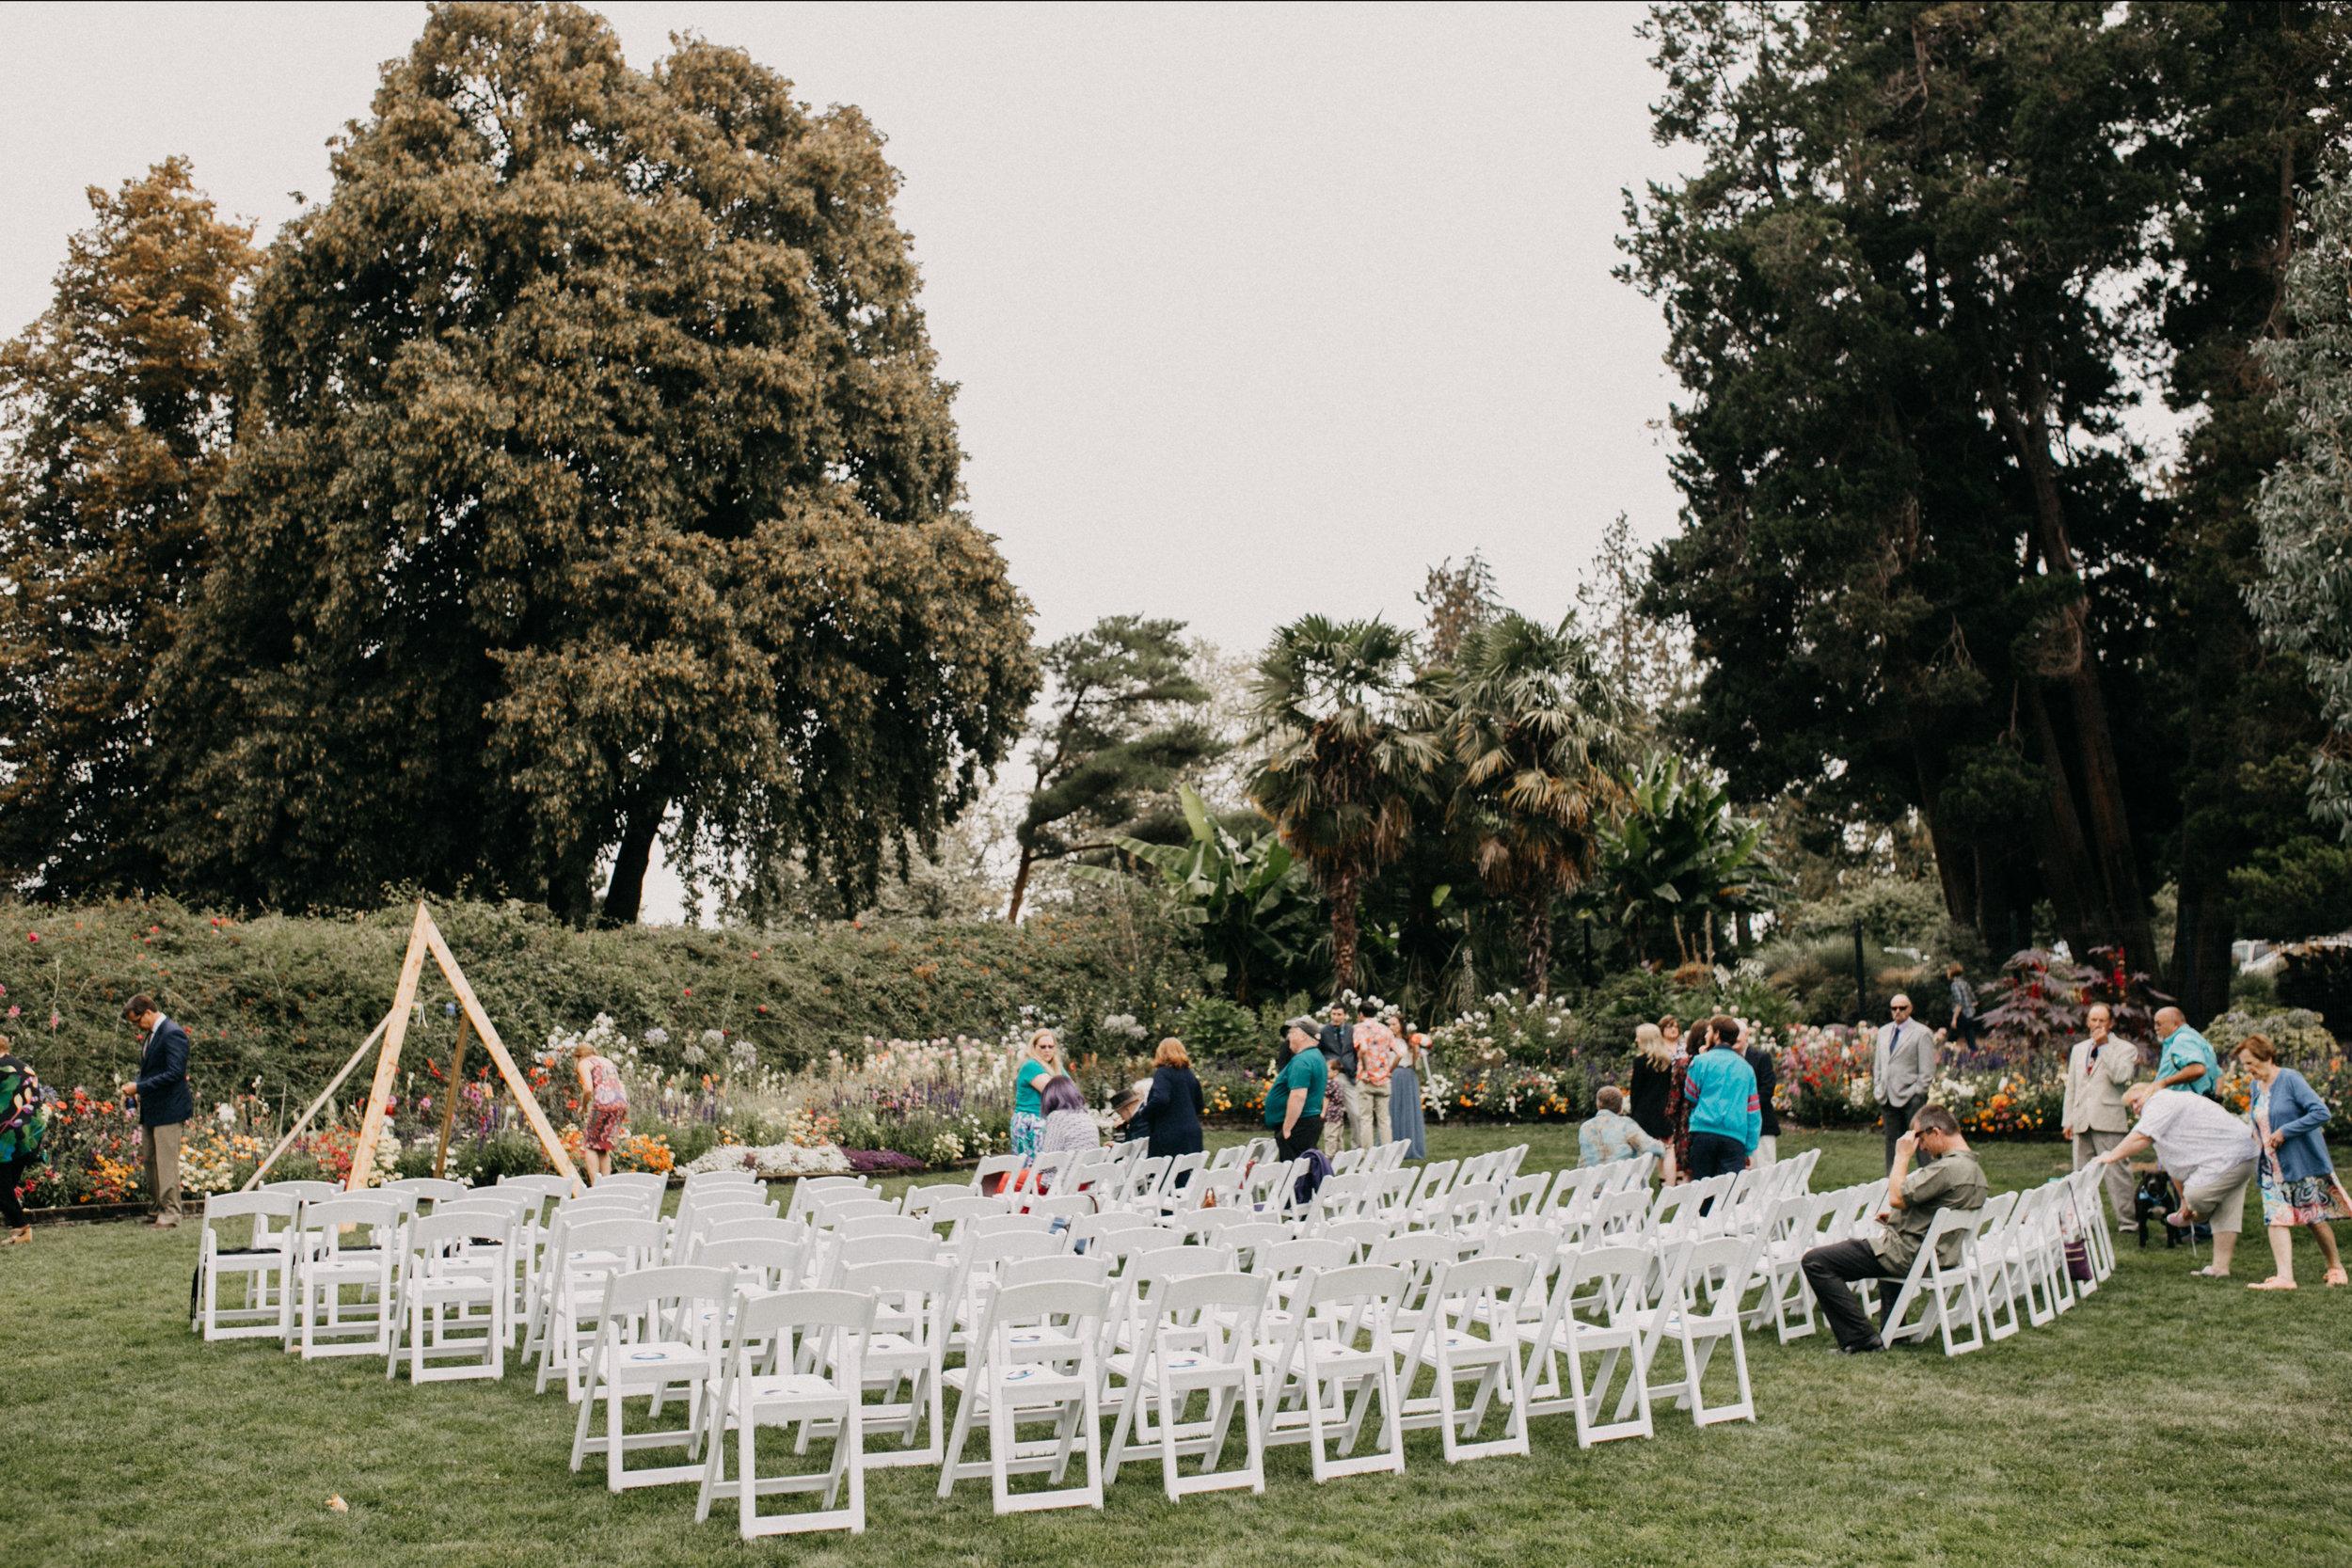 PointDefianceRoseGarden_Wedding_Stuberg_Melaphoto-4997.jpg